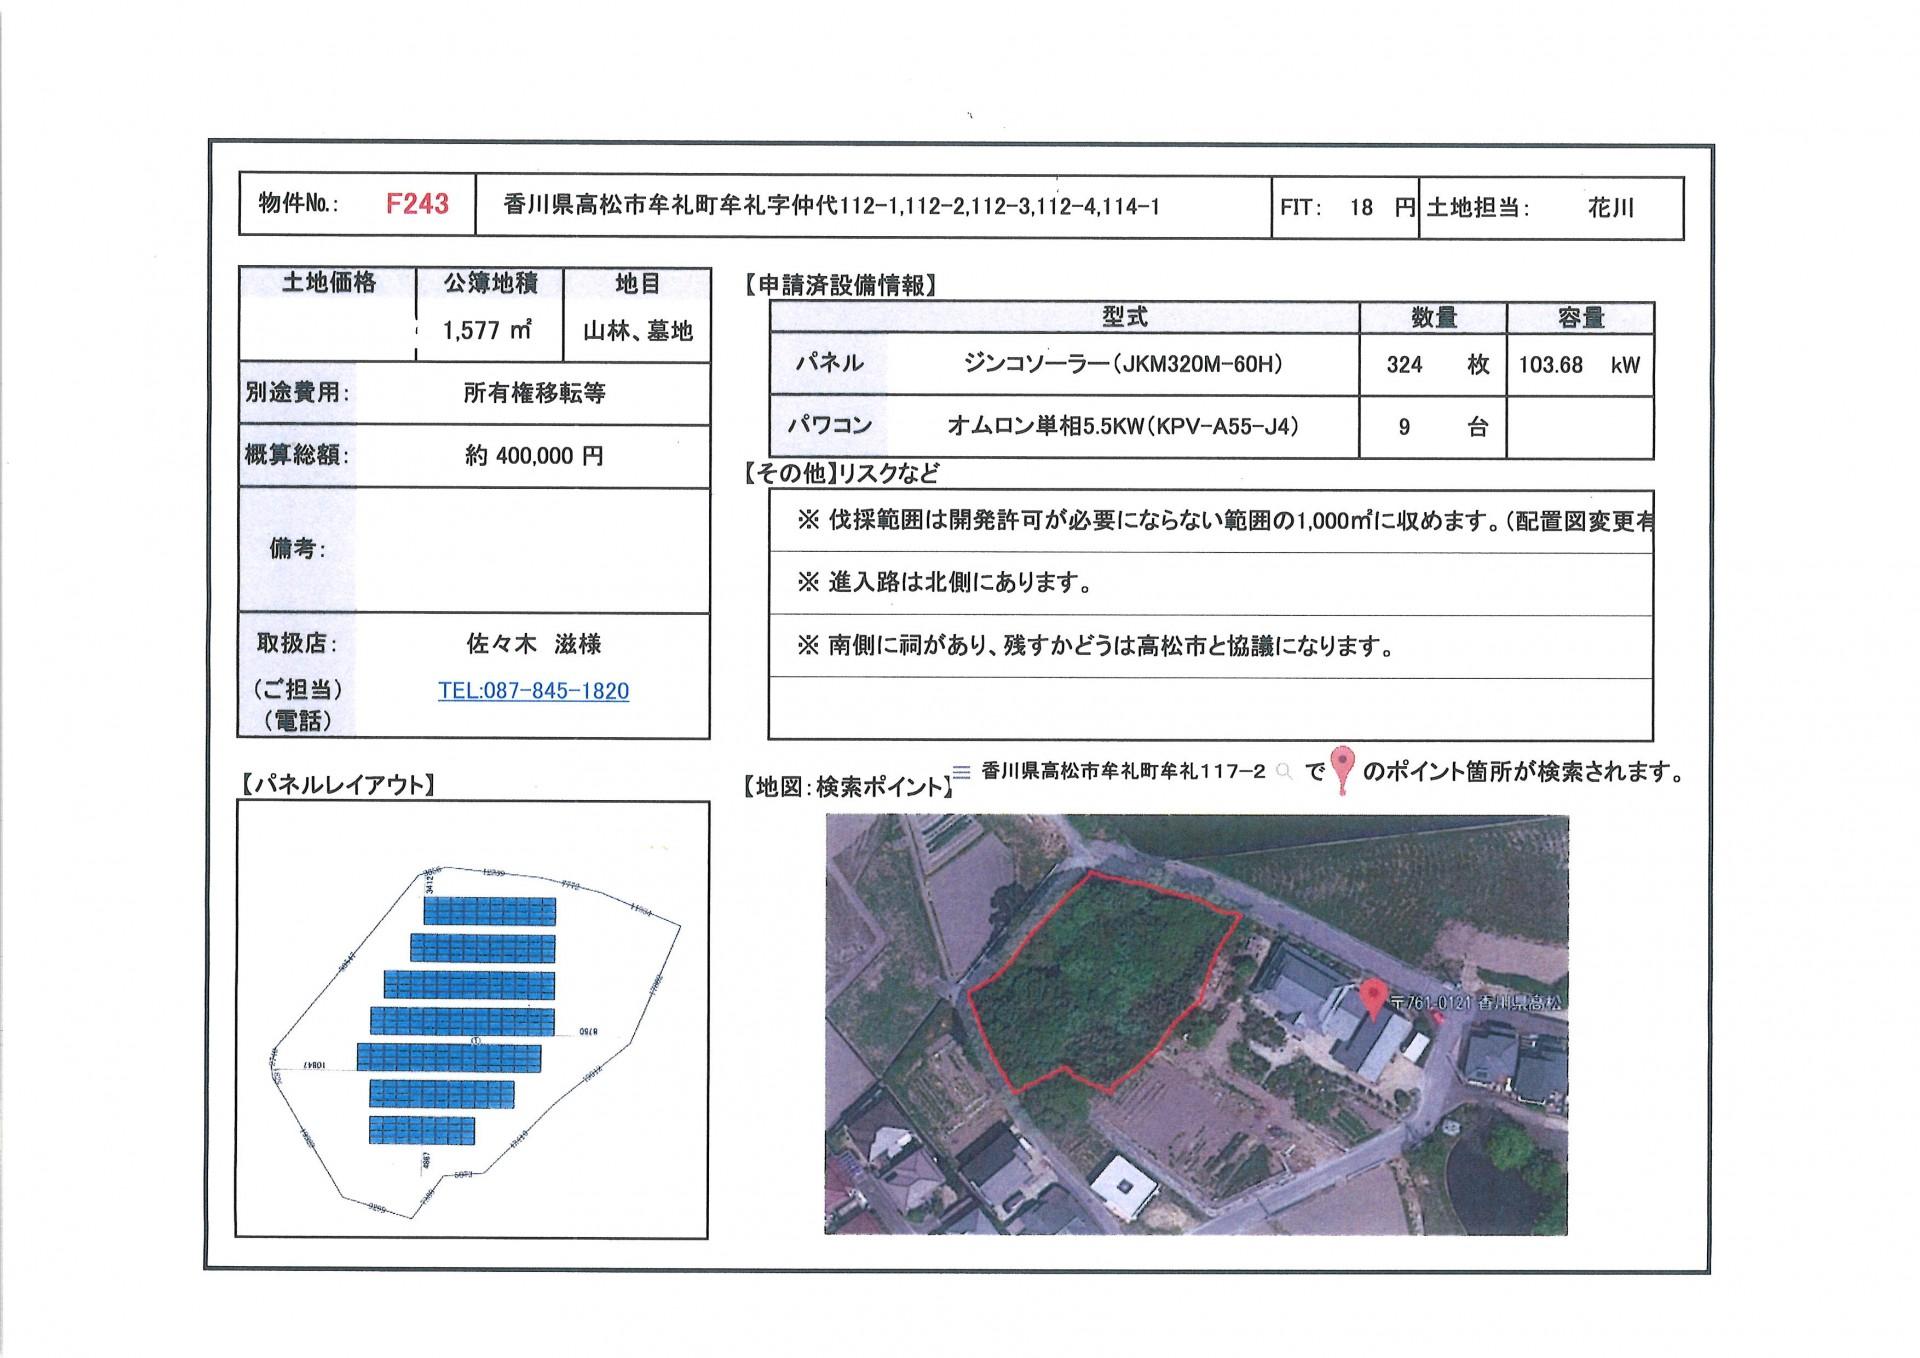 【JPN】FIT18円 香川県高松市牟礼町のメイン画像